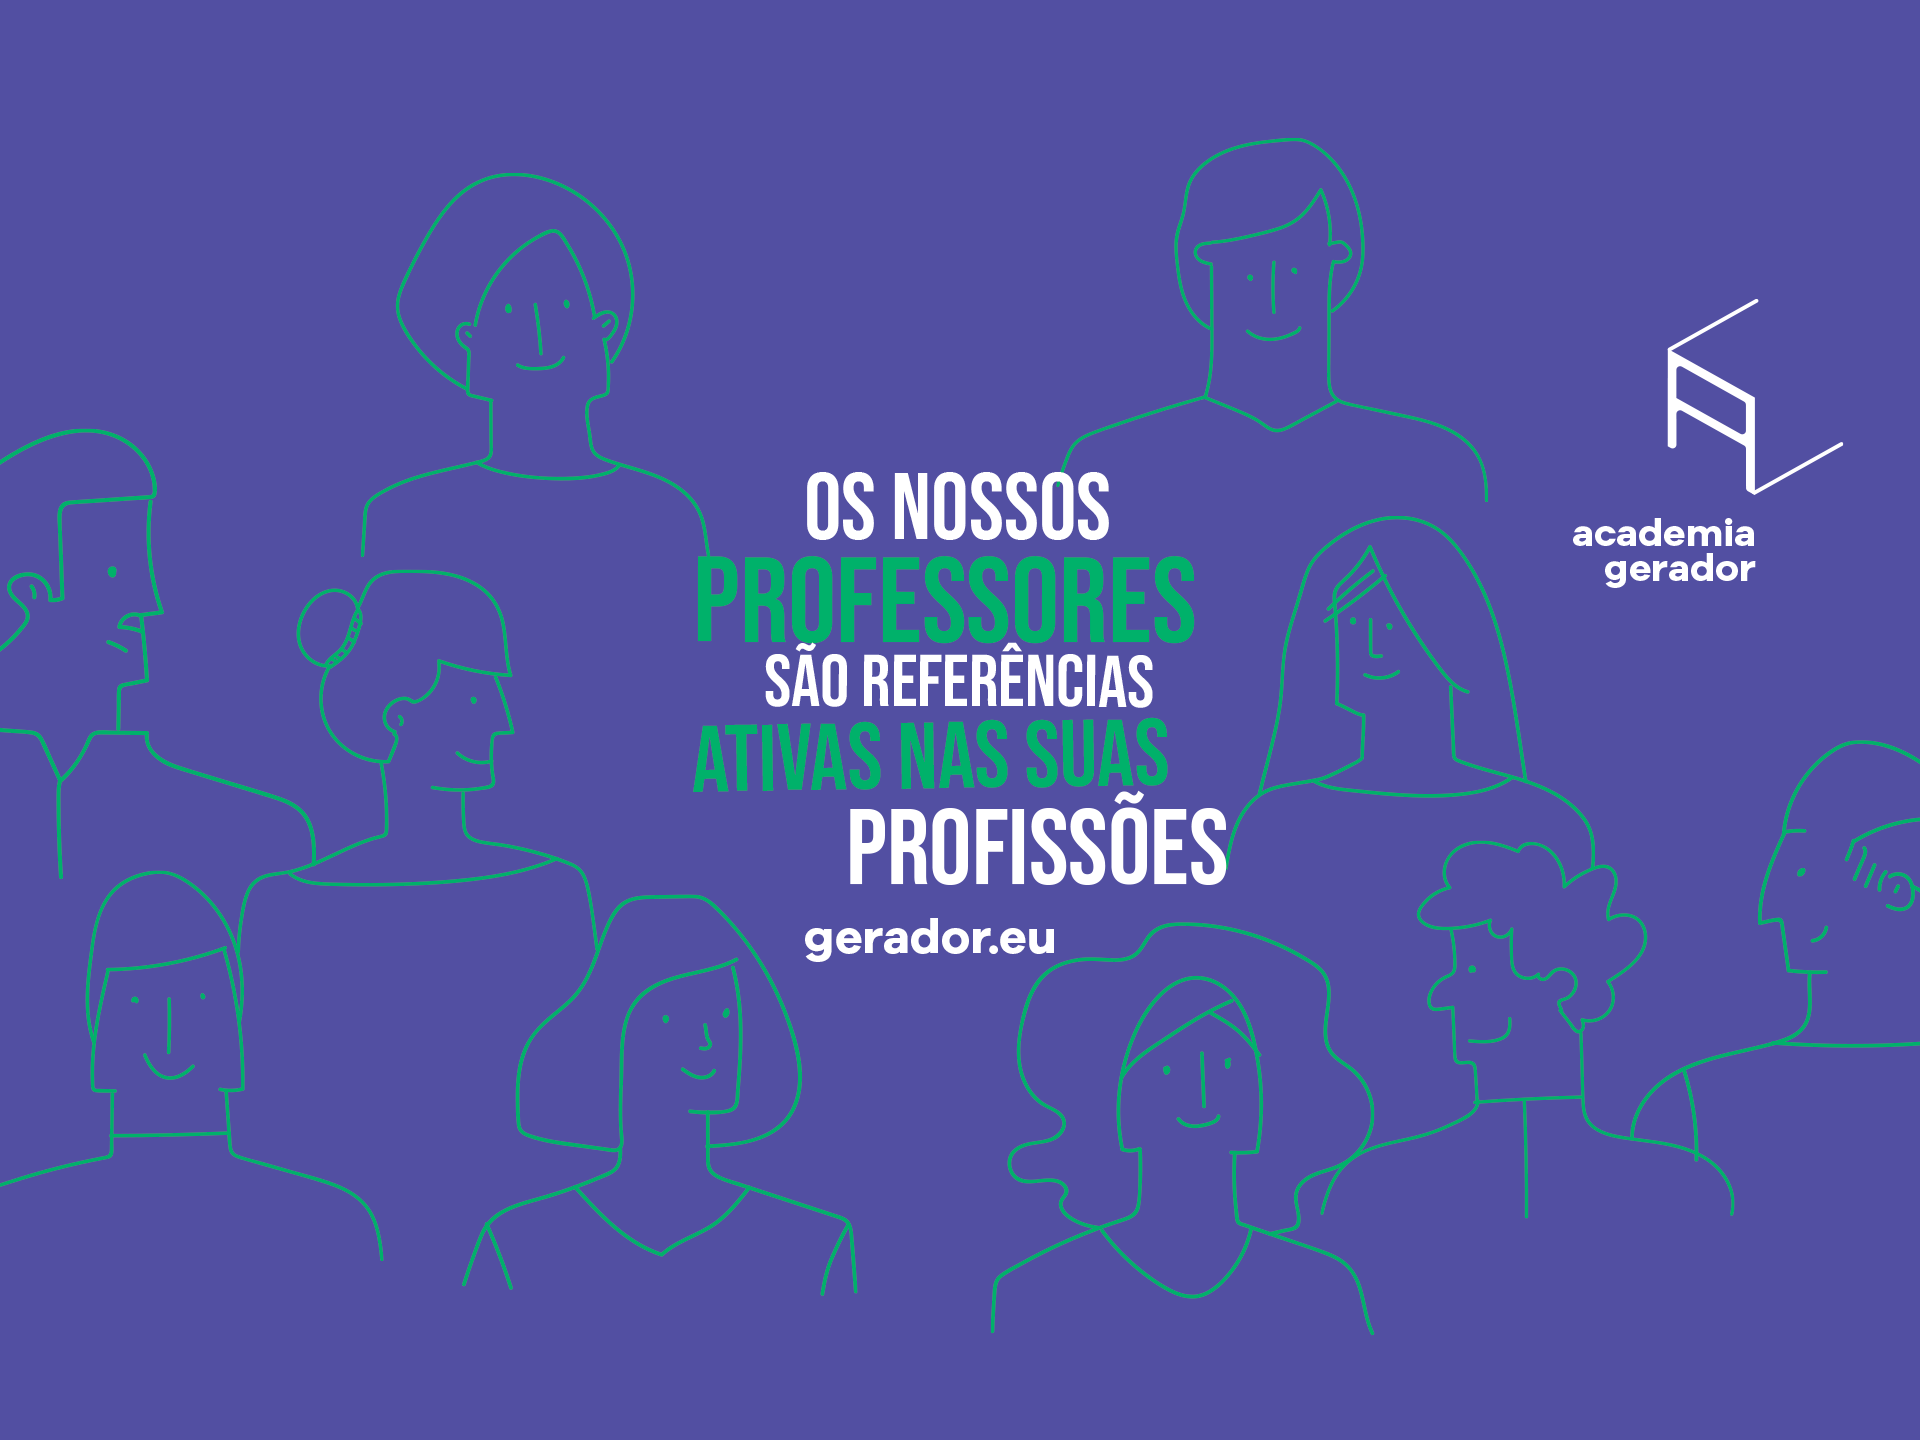 Academia_gerador_Profs_ativo_com_cursos_concentrados